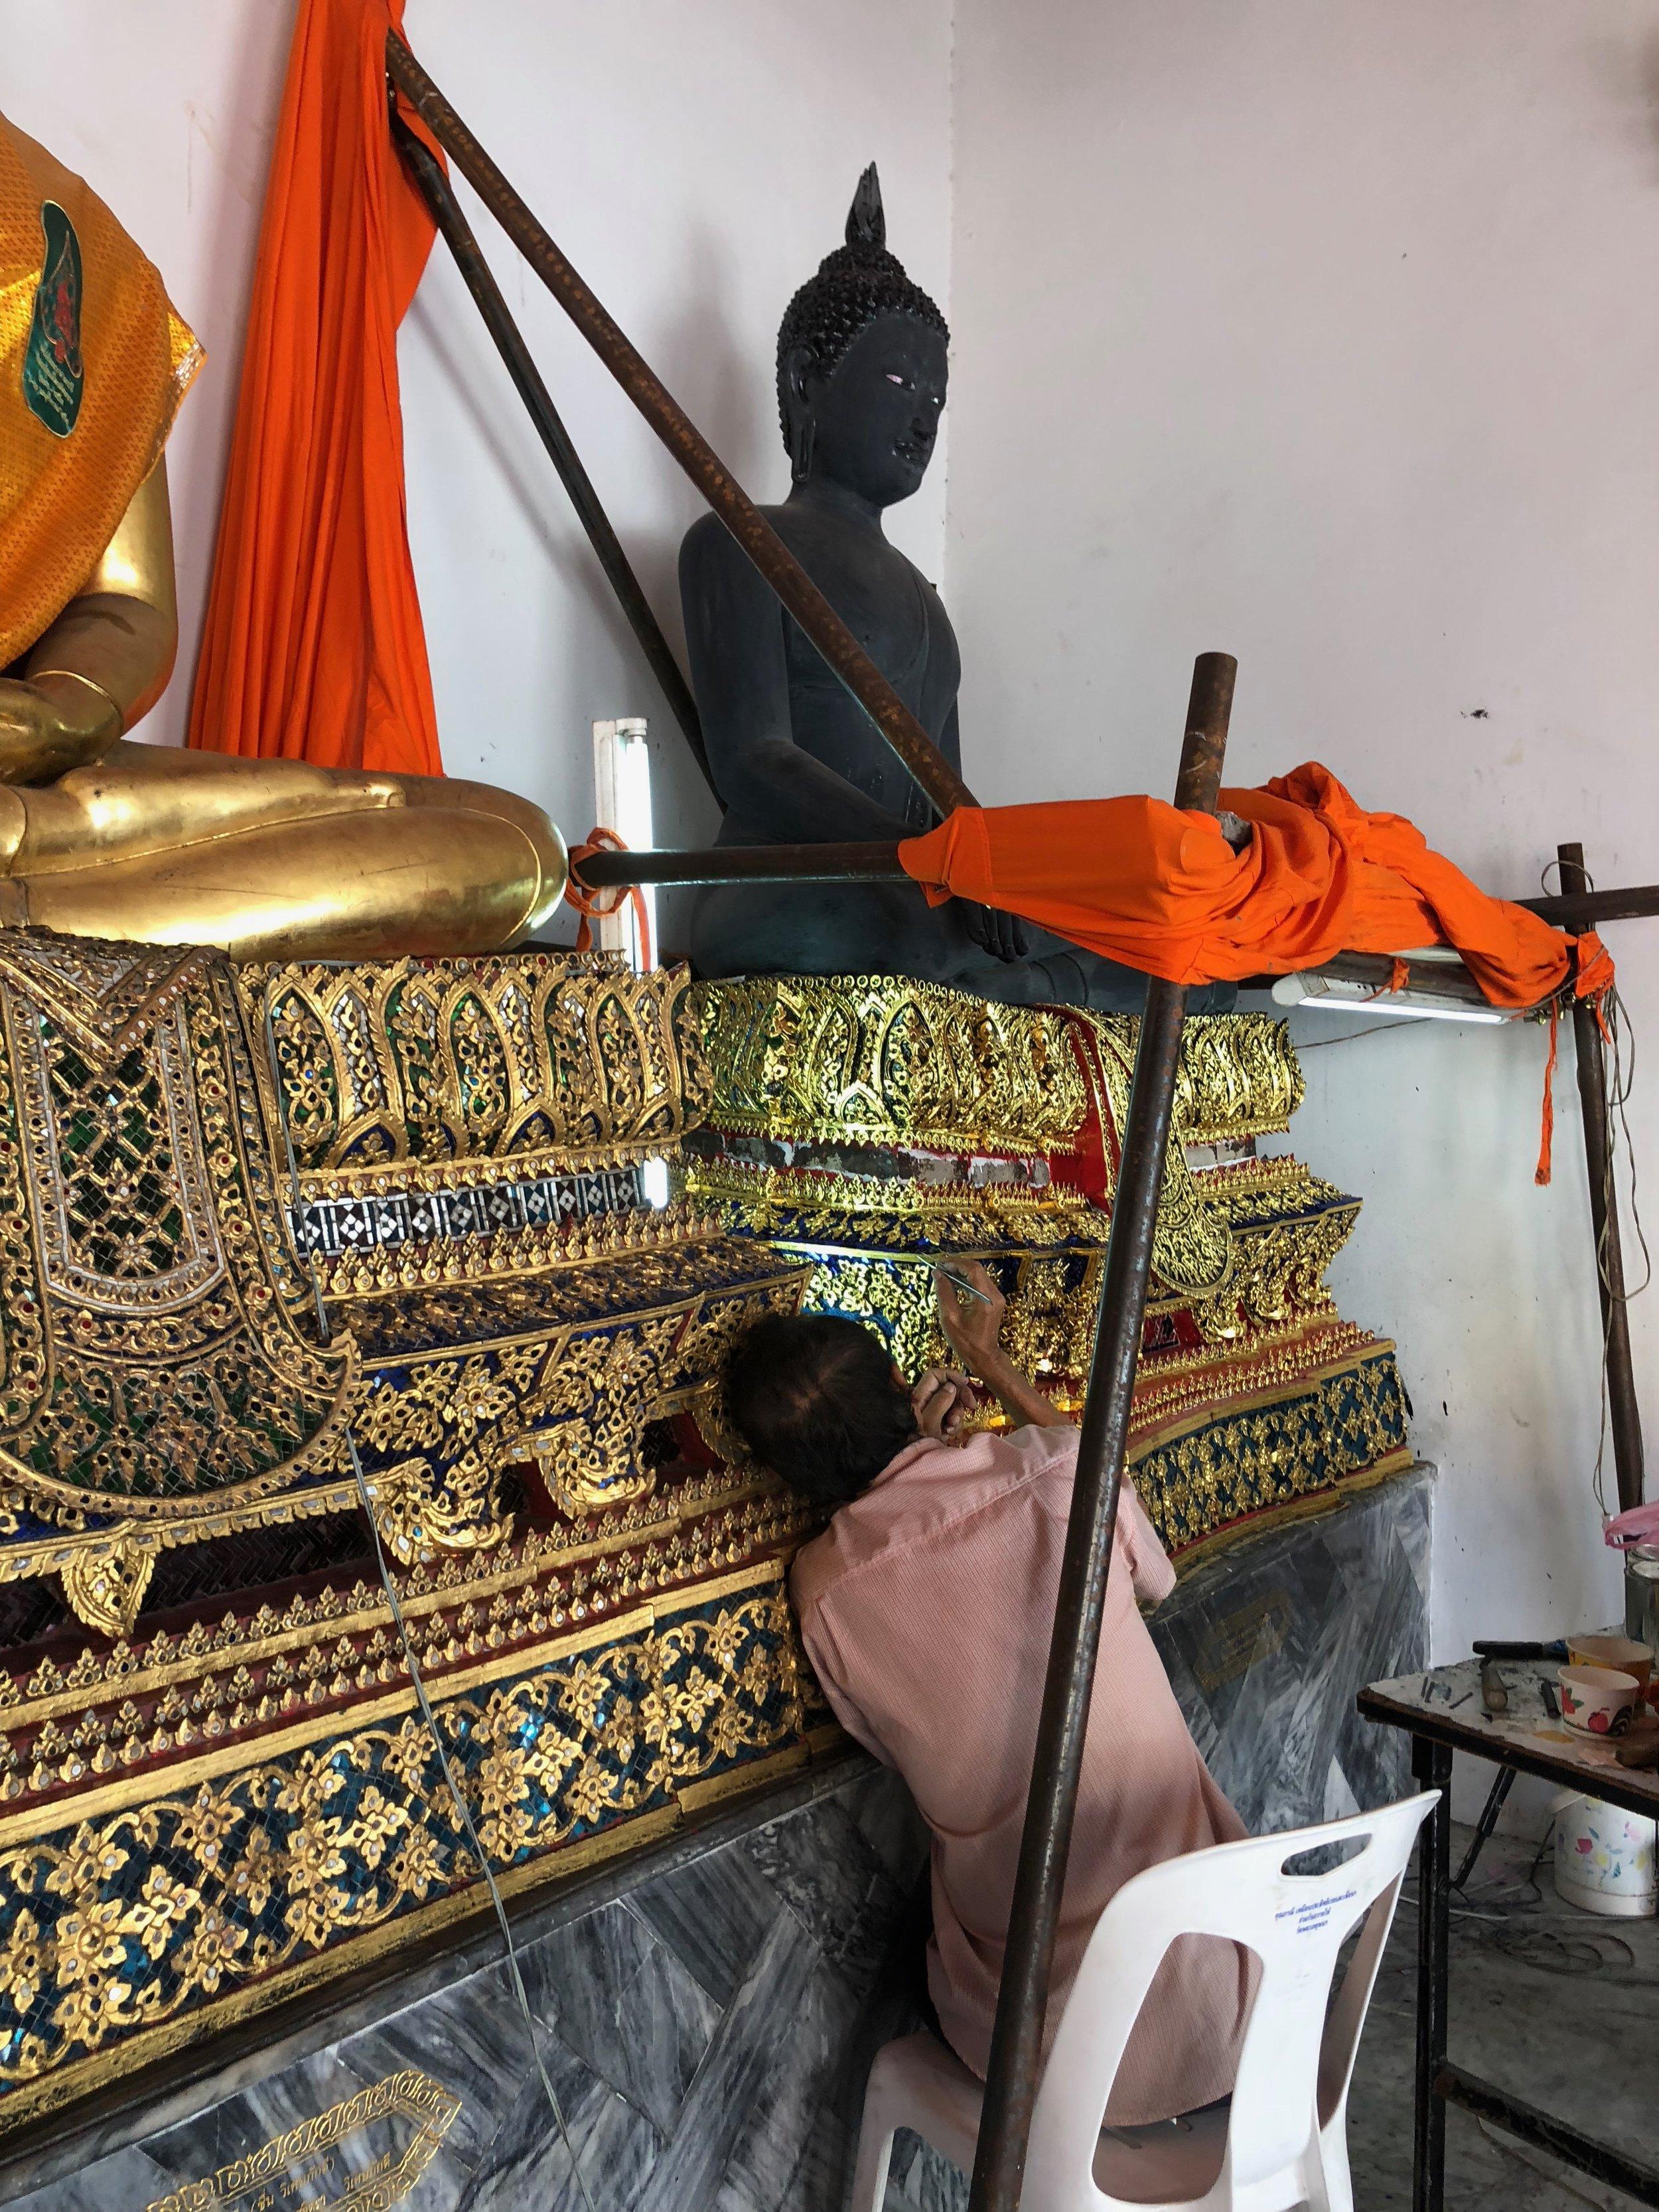 ¡También pude ver a alguien decorando una estatua budista!